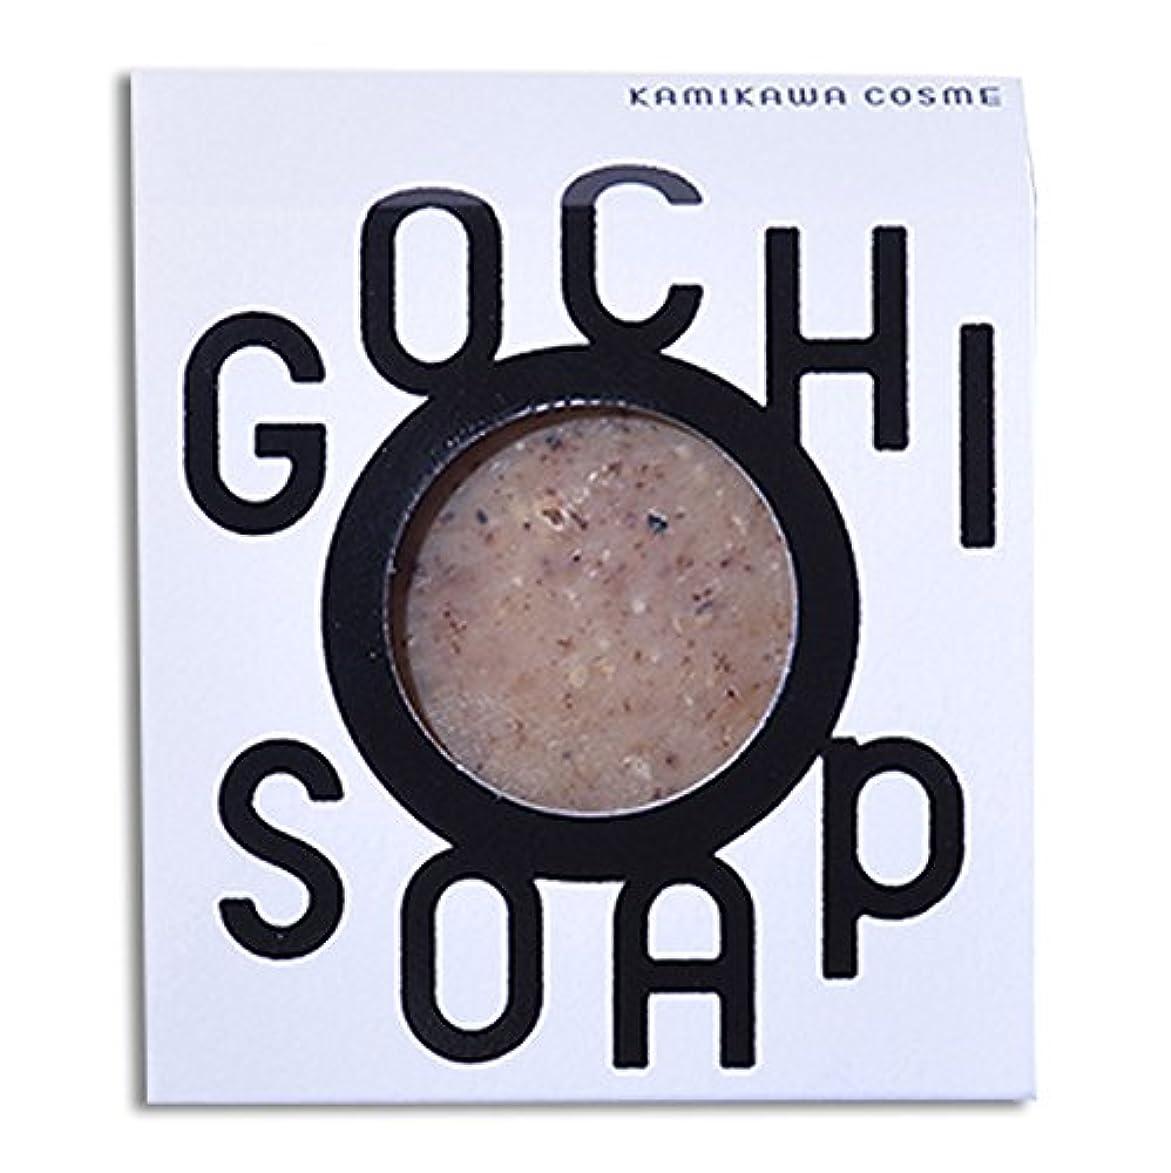 請うドライブ和解する道北の素材を使用したコスメブランド GOCHI SOAP(上森米穀店の黒米ぬかソープ?谷口農場のトマトソープ)各1個セット